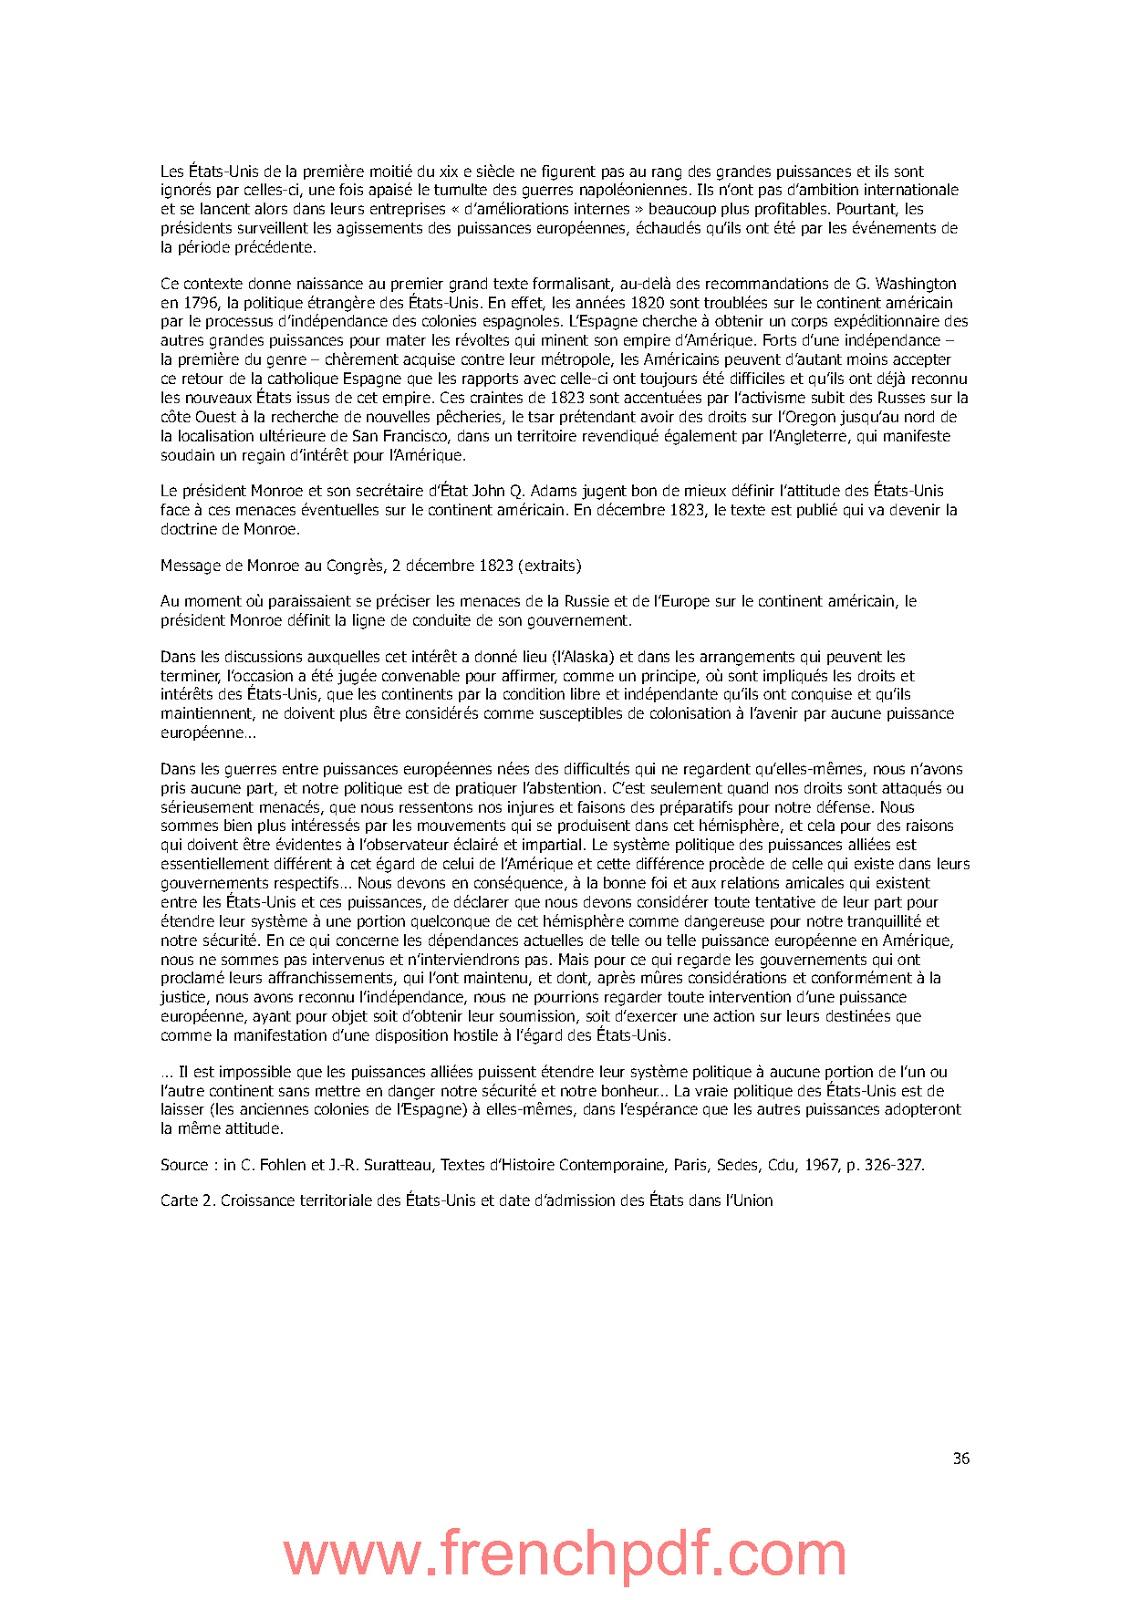 Histoire des Etats-Unis de Jacques Portes PDF Gratuit